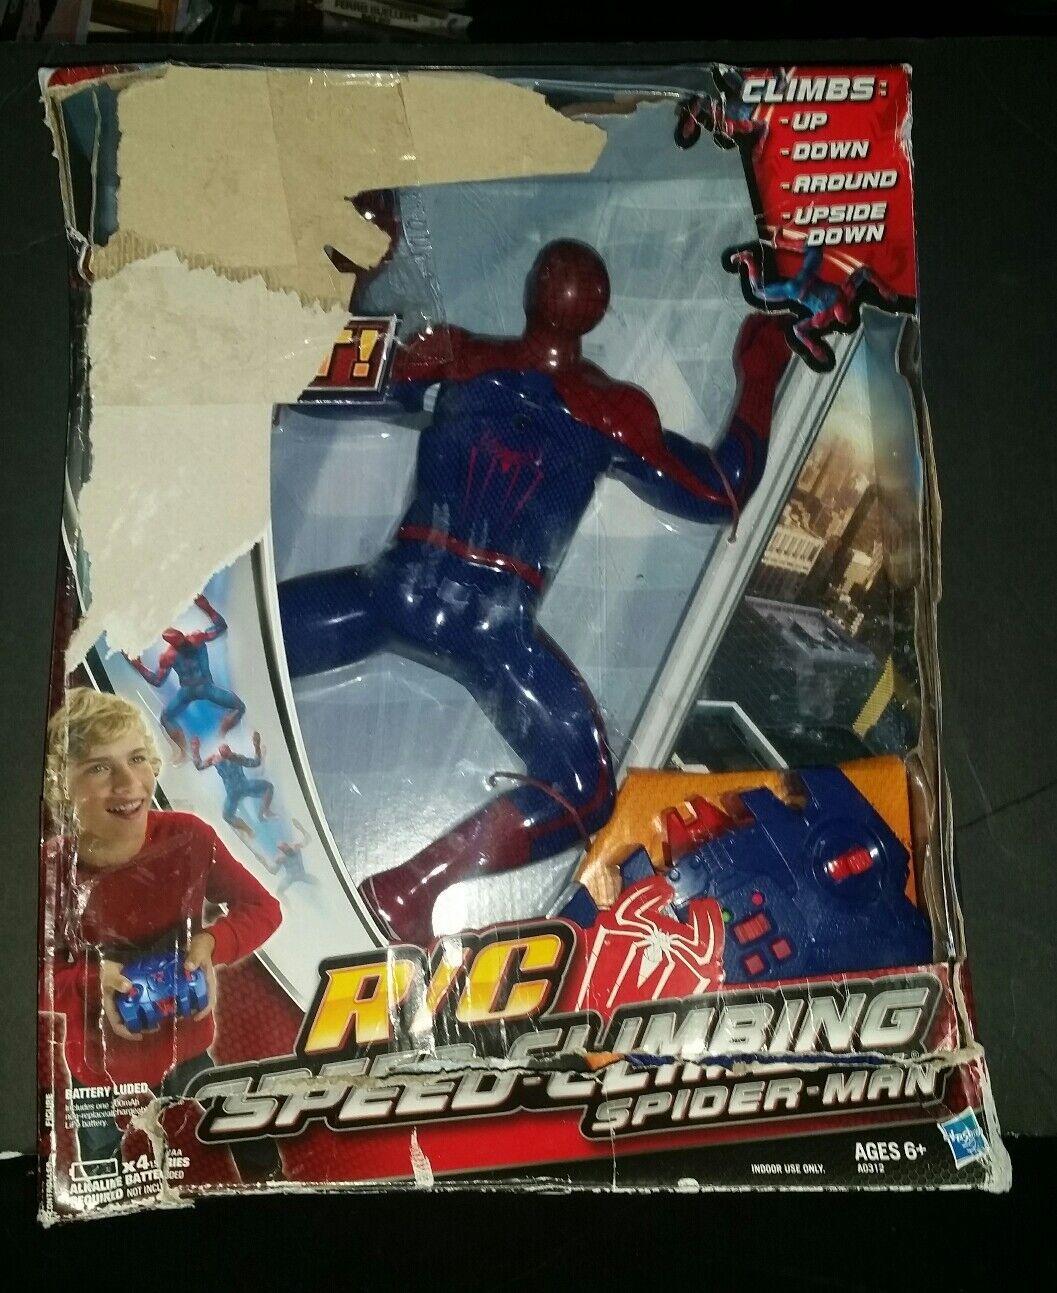 2012 Hasbro Spider Climbing Spiderman Parojo De Control Remoto Man Raro Coleccionable